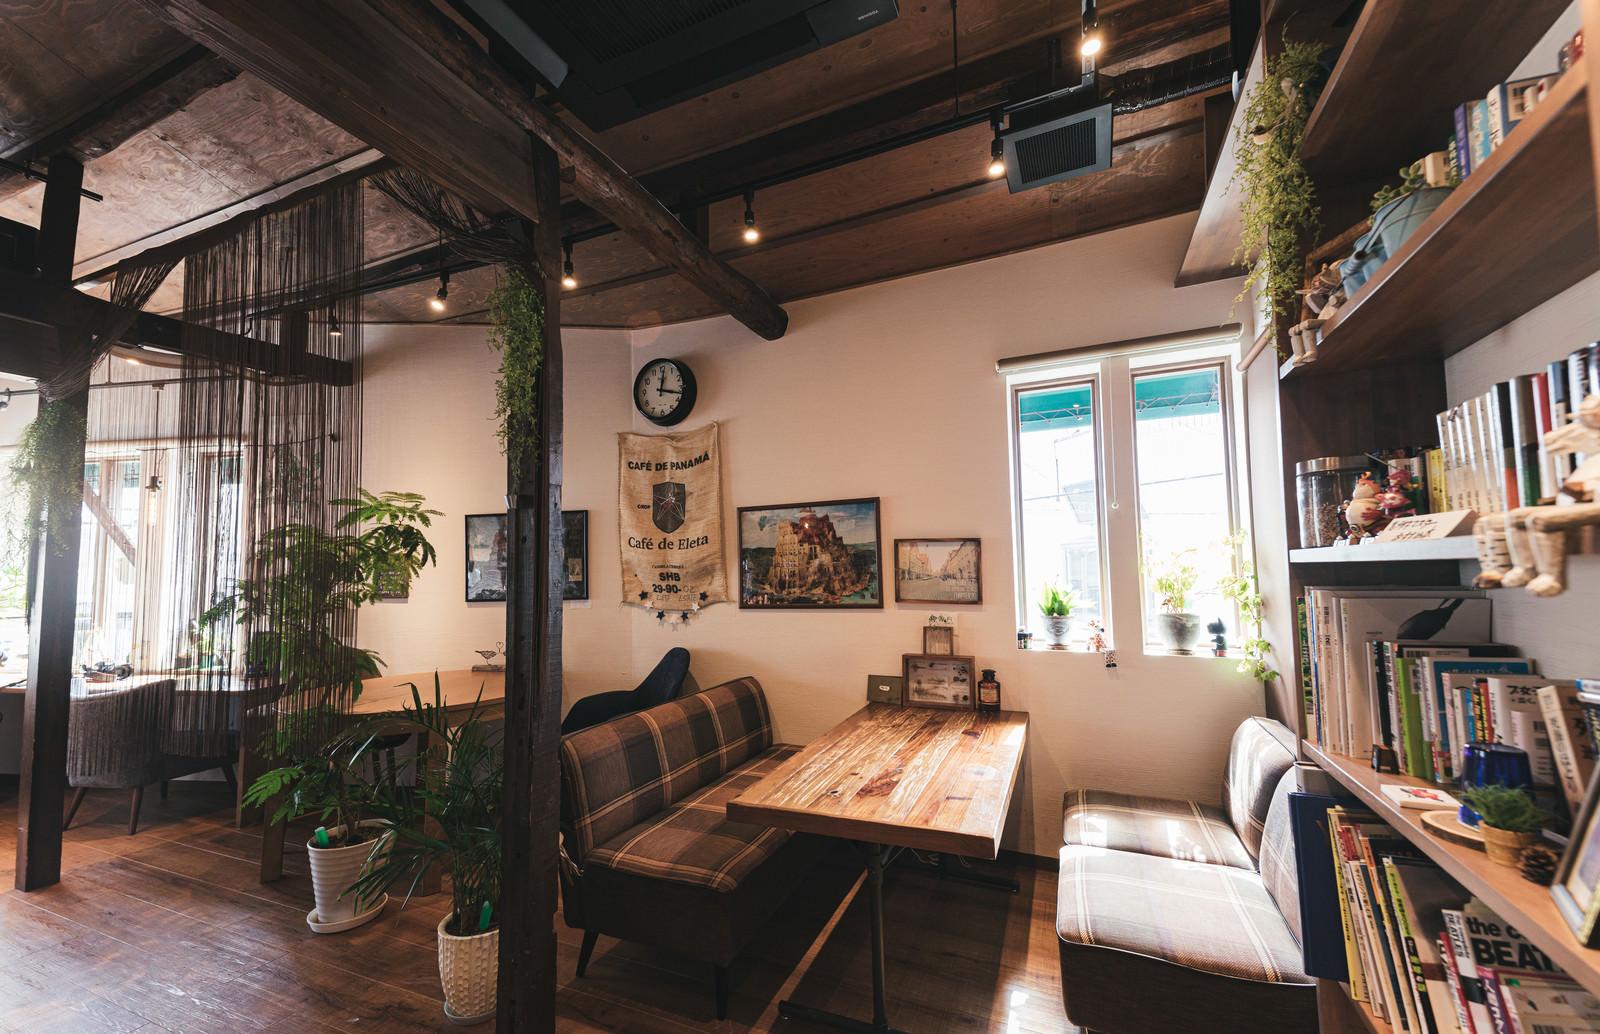 「静かな穴場的カフェ」の写真